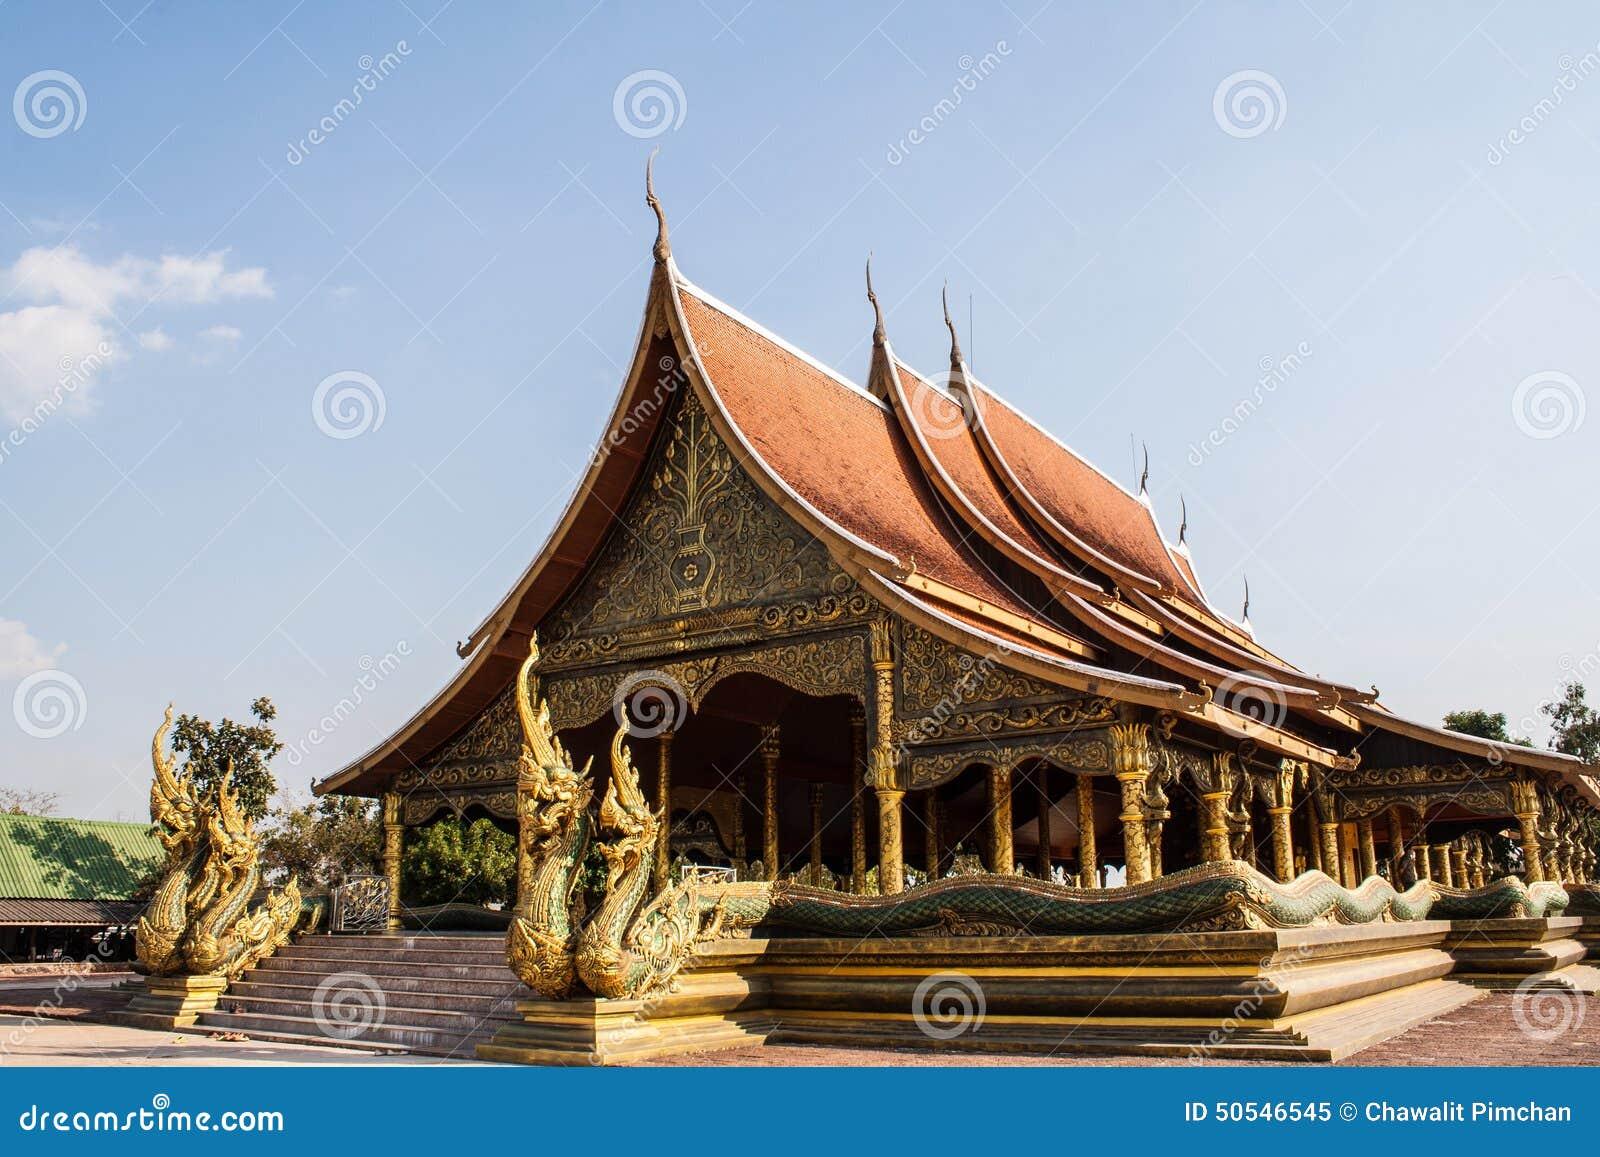 Wat Sawang Wirawong